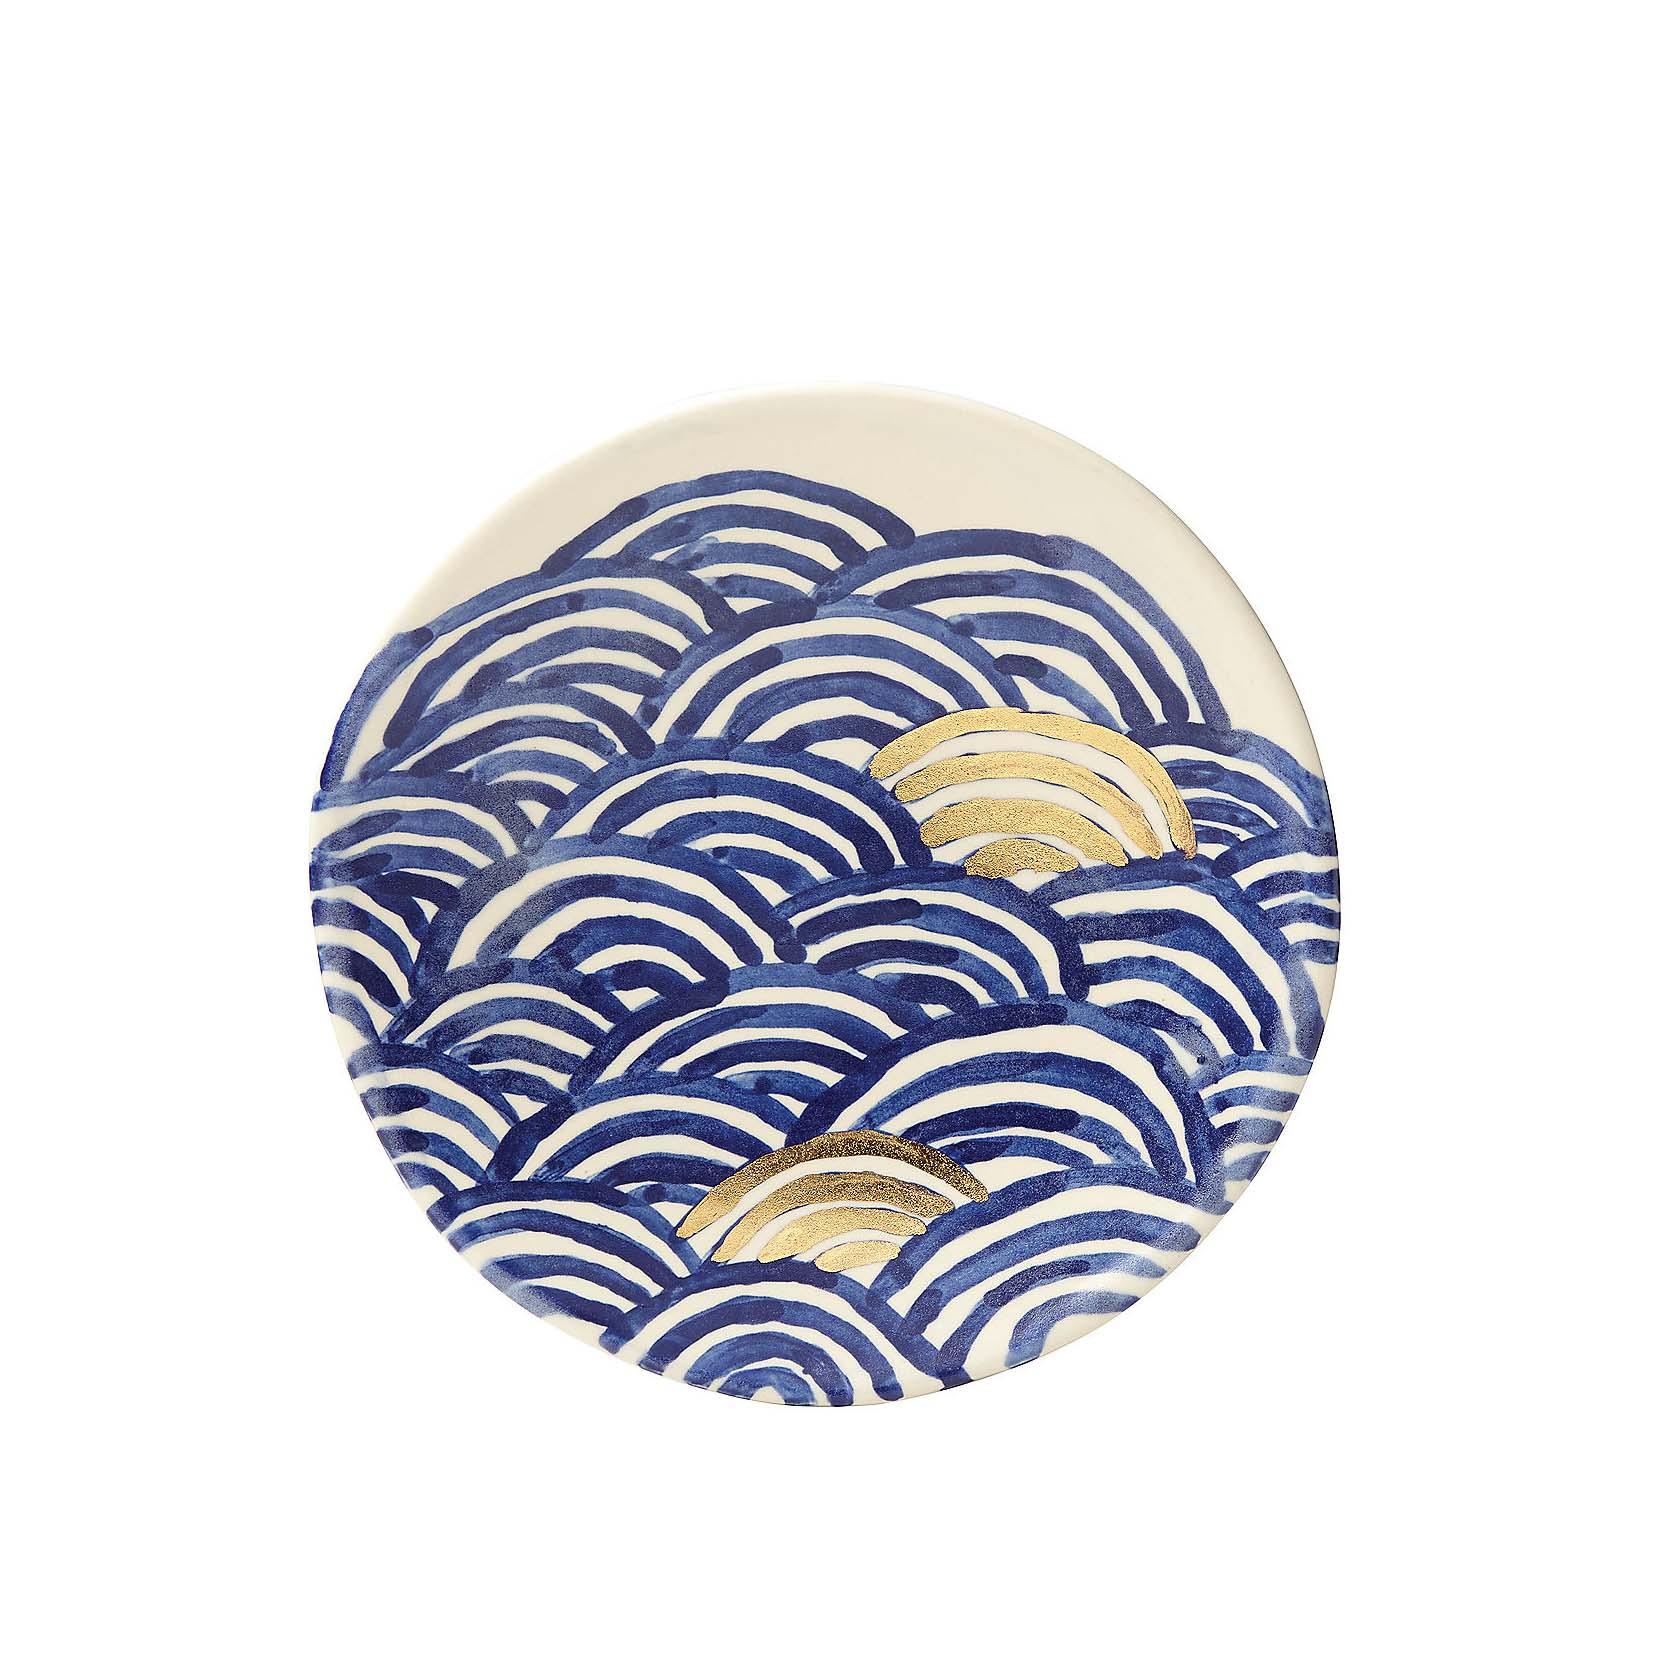 blue and white circluar design plate